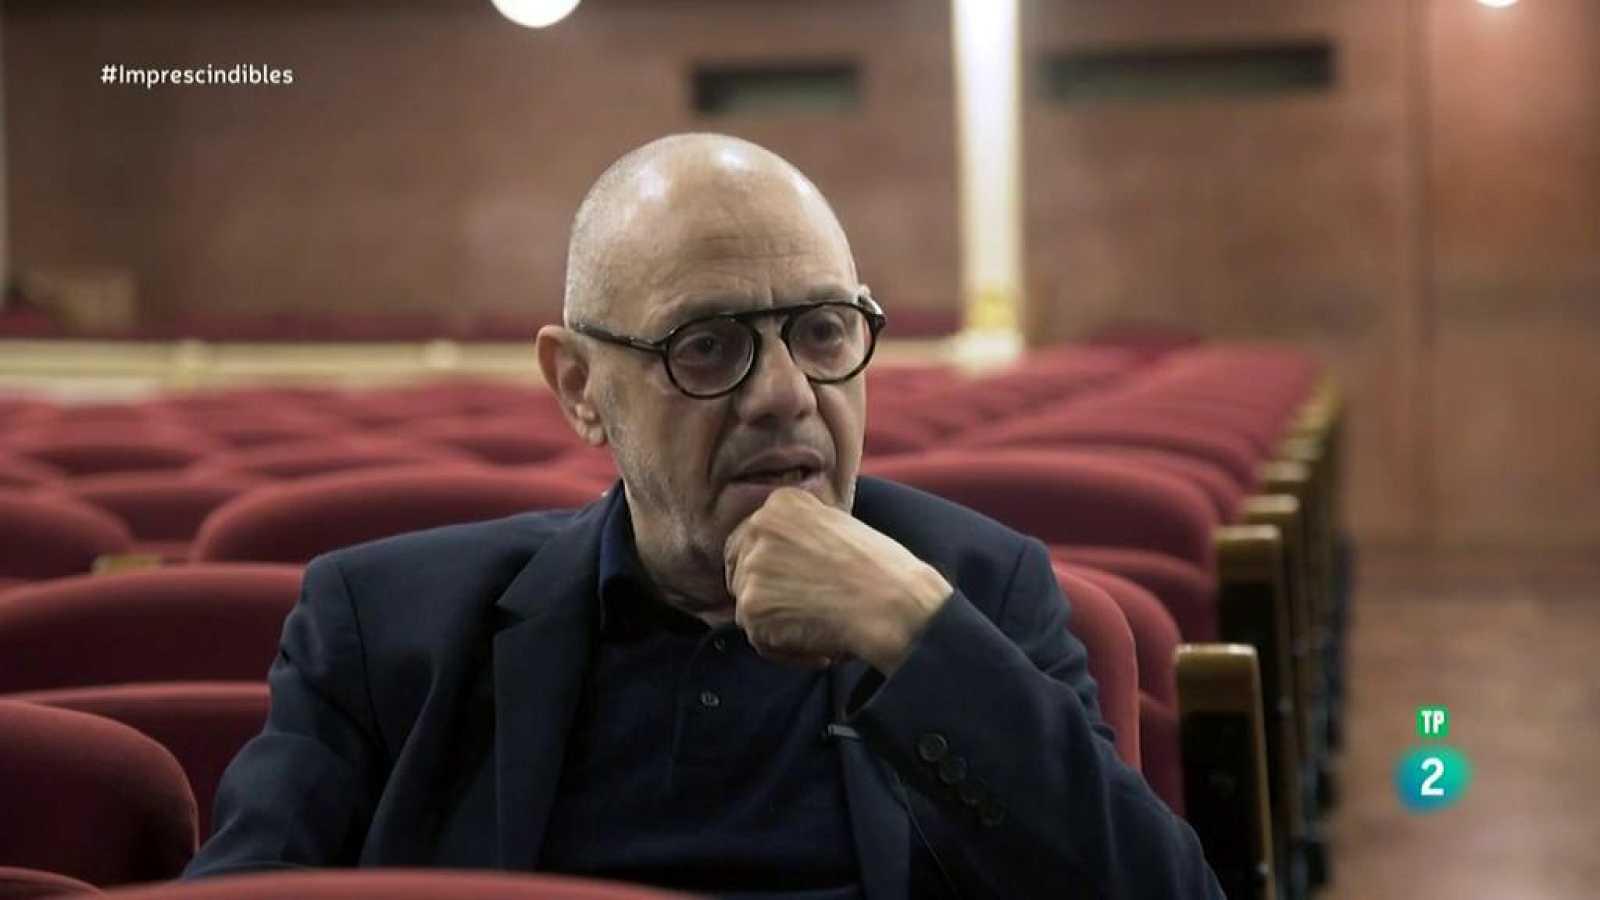 Imprescindibles - Cuando Lluís Pasqual descubrió su pasión por la ópera